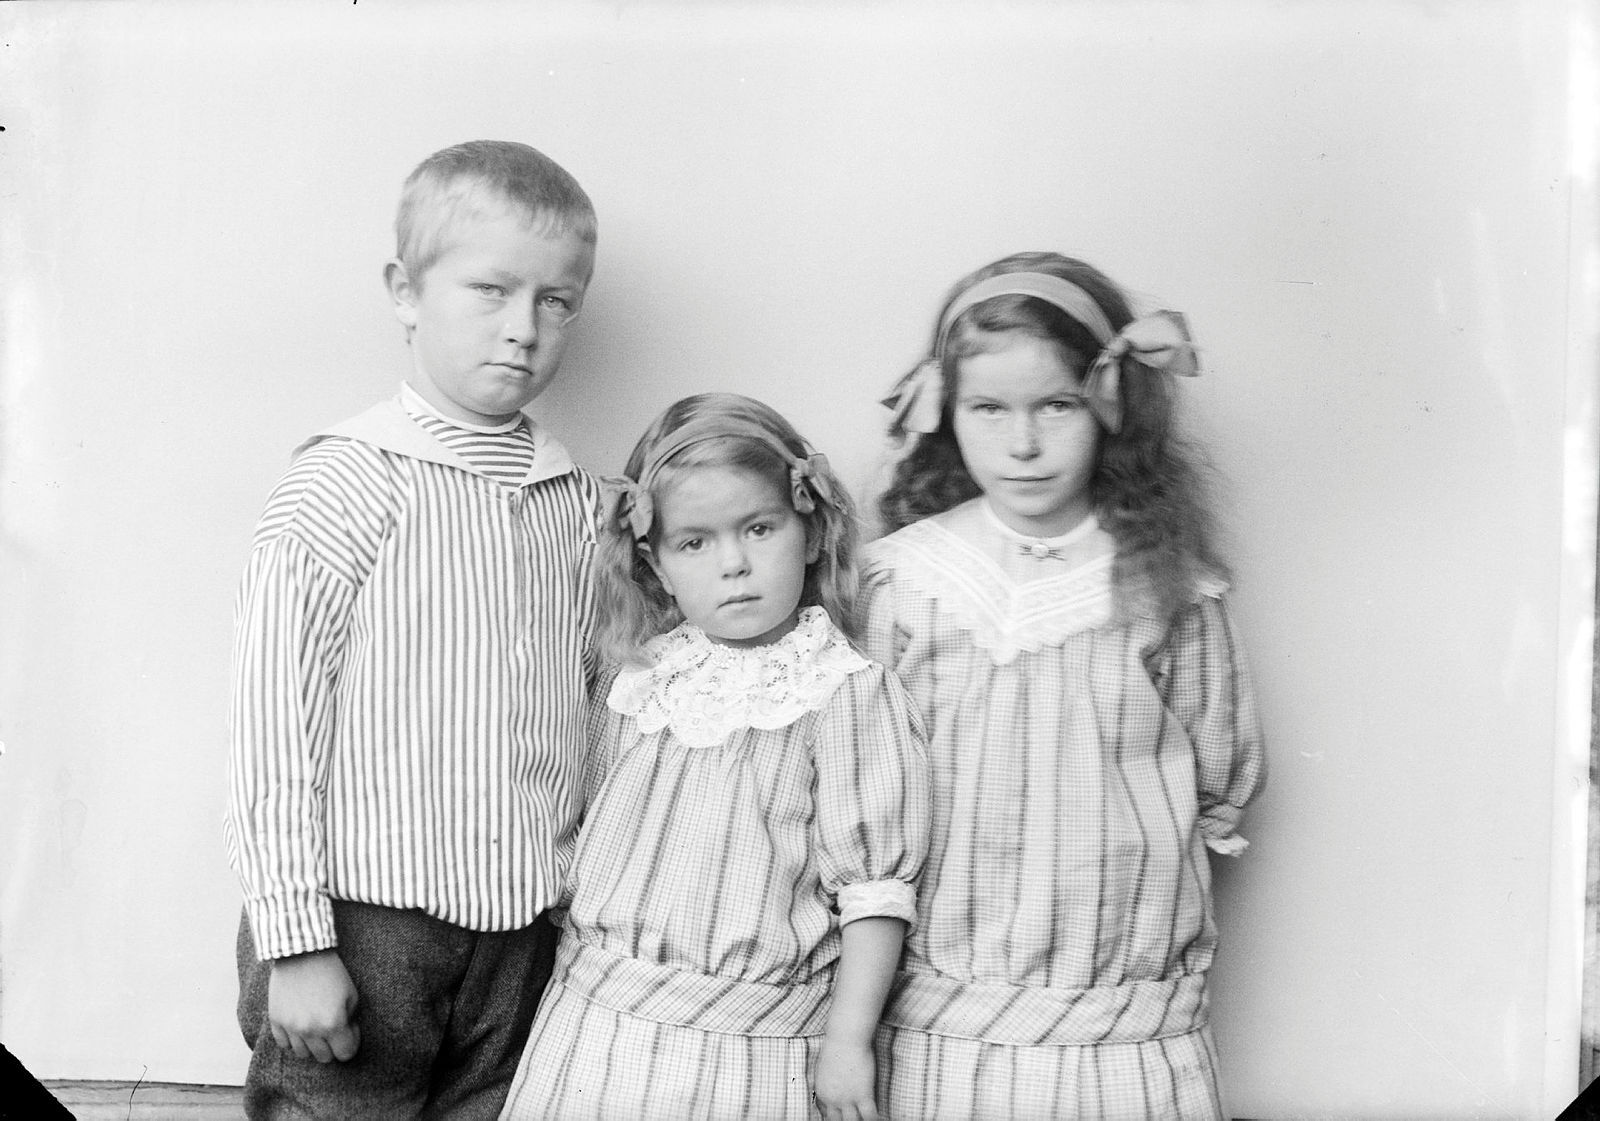 Born på Lyster Sanatorium, 1917